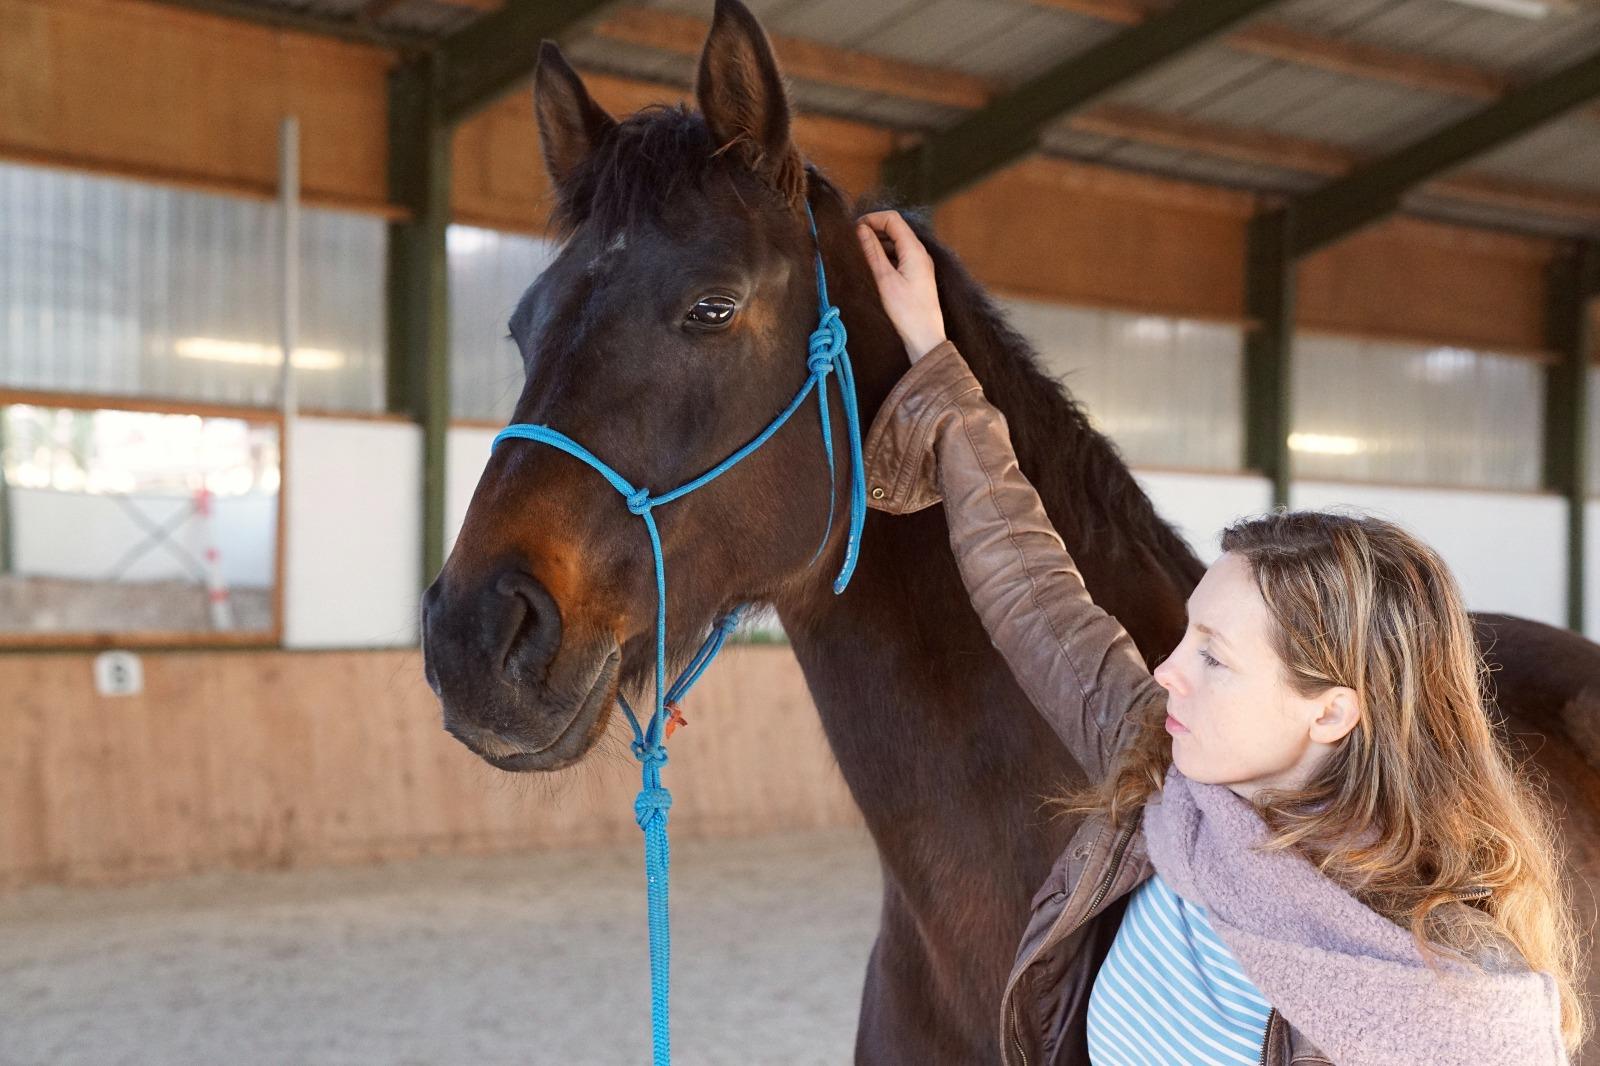 Pferd und Mensch nebeneinander